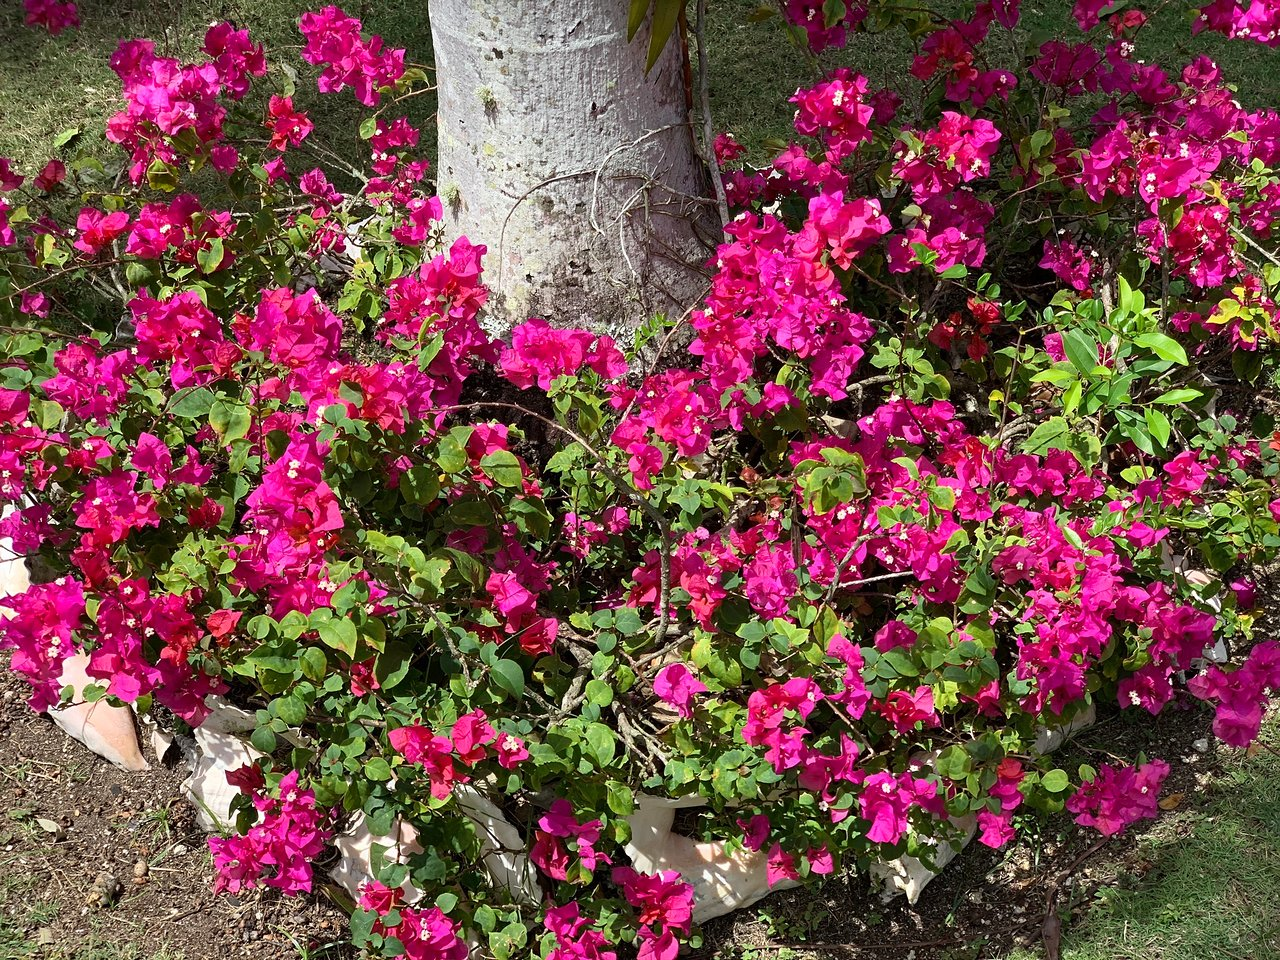 Troppe Mosche In Giardino queen elizabeth ii botanic park (grand cayman): aggiornato